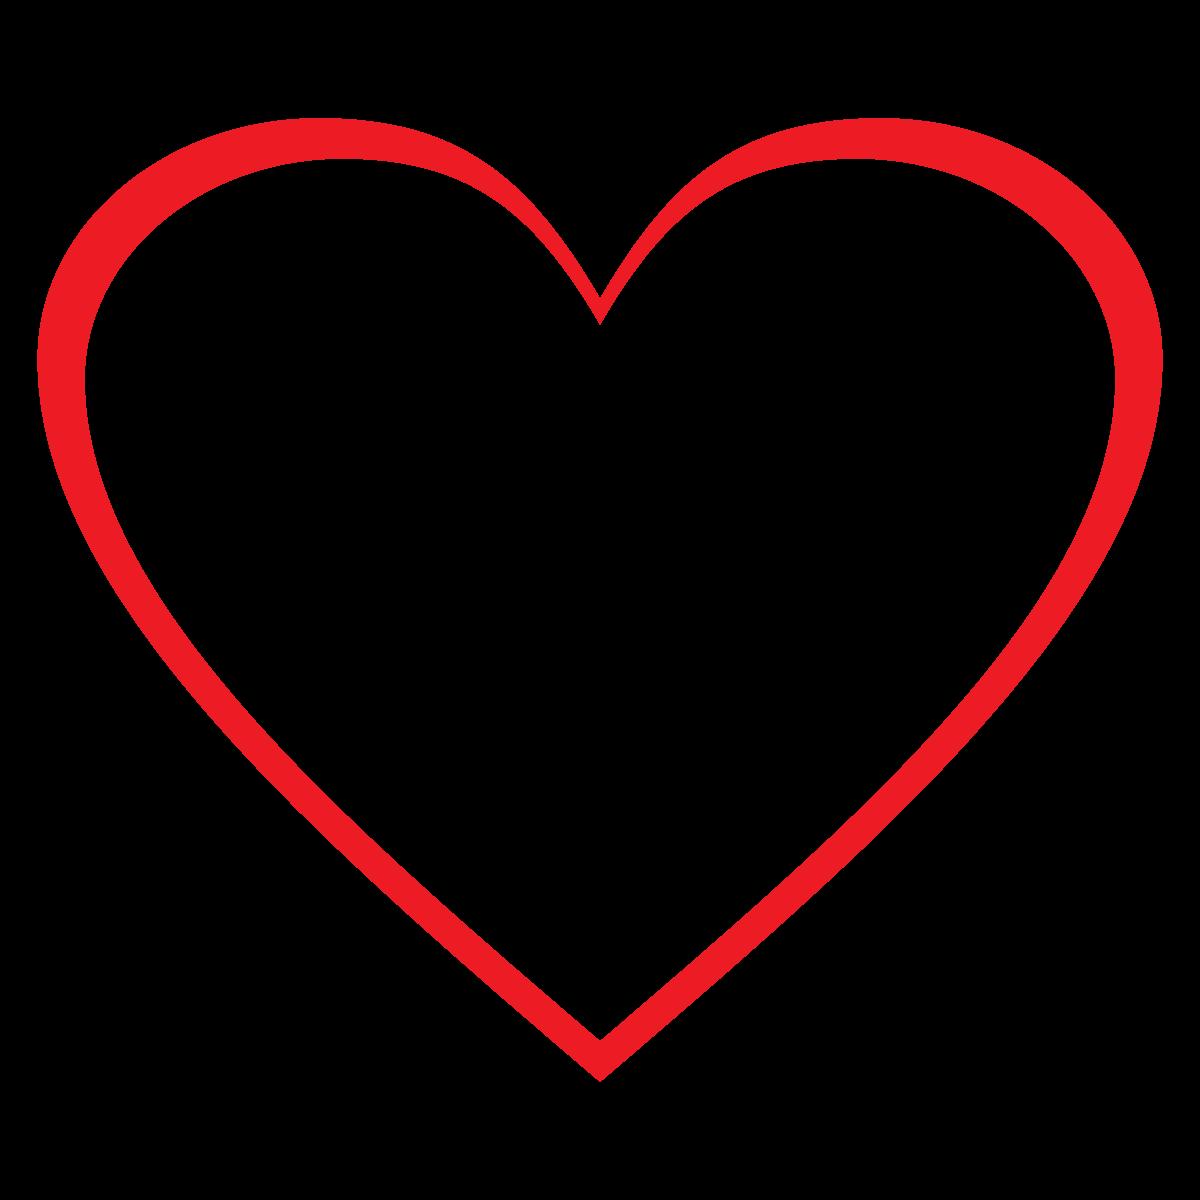 ... -hearts-clip-art-clipart-panda-free-clipart-images-i5fazX-clipart.png